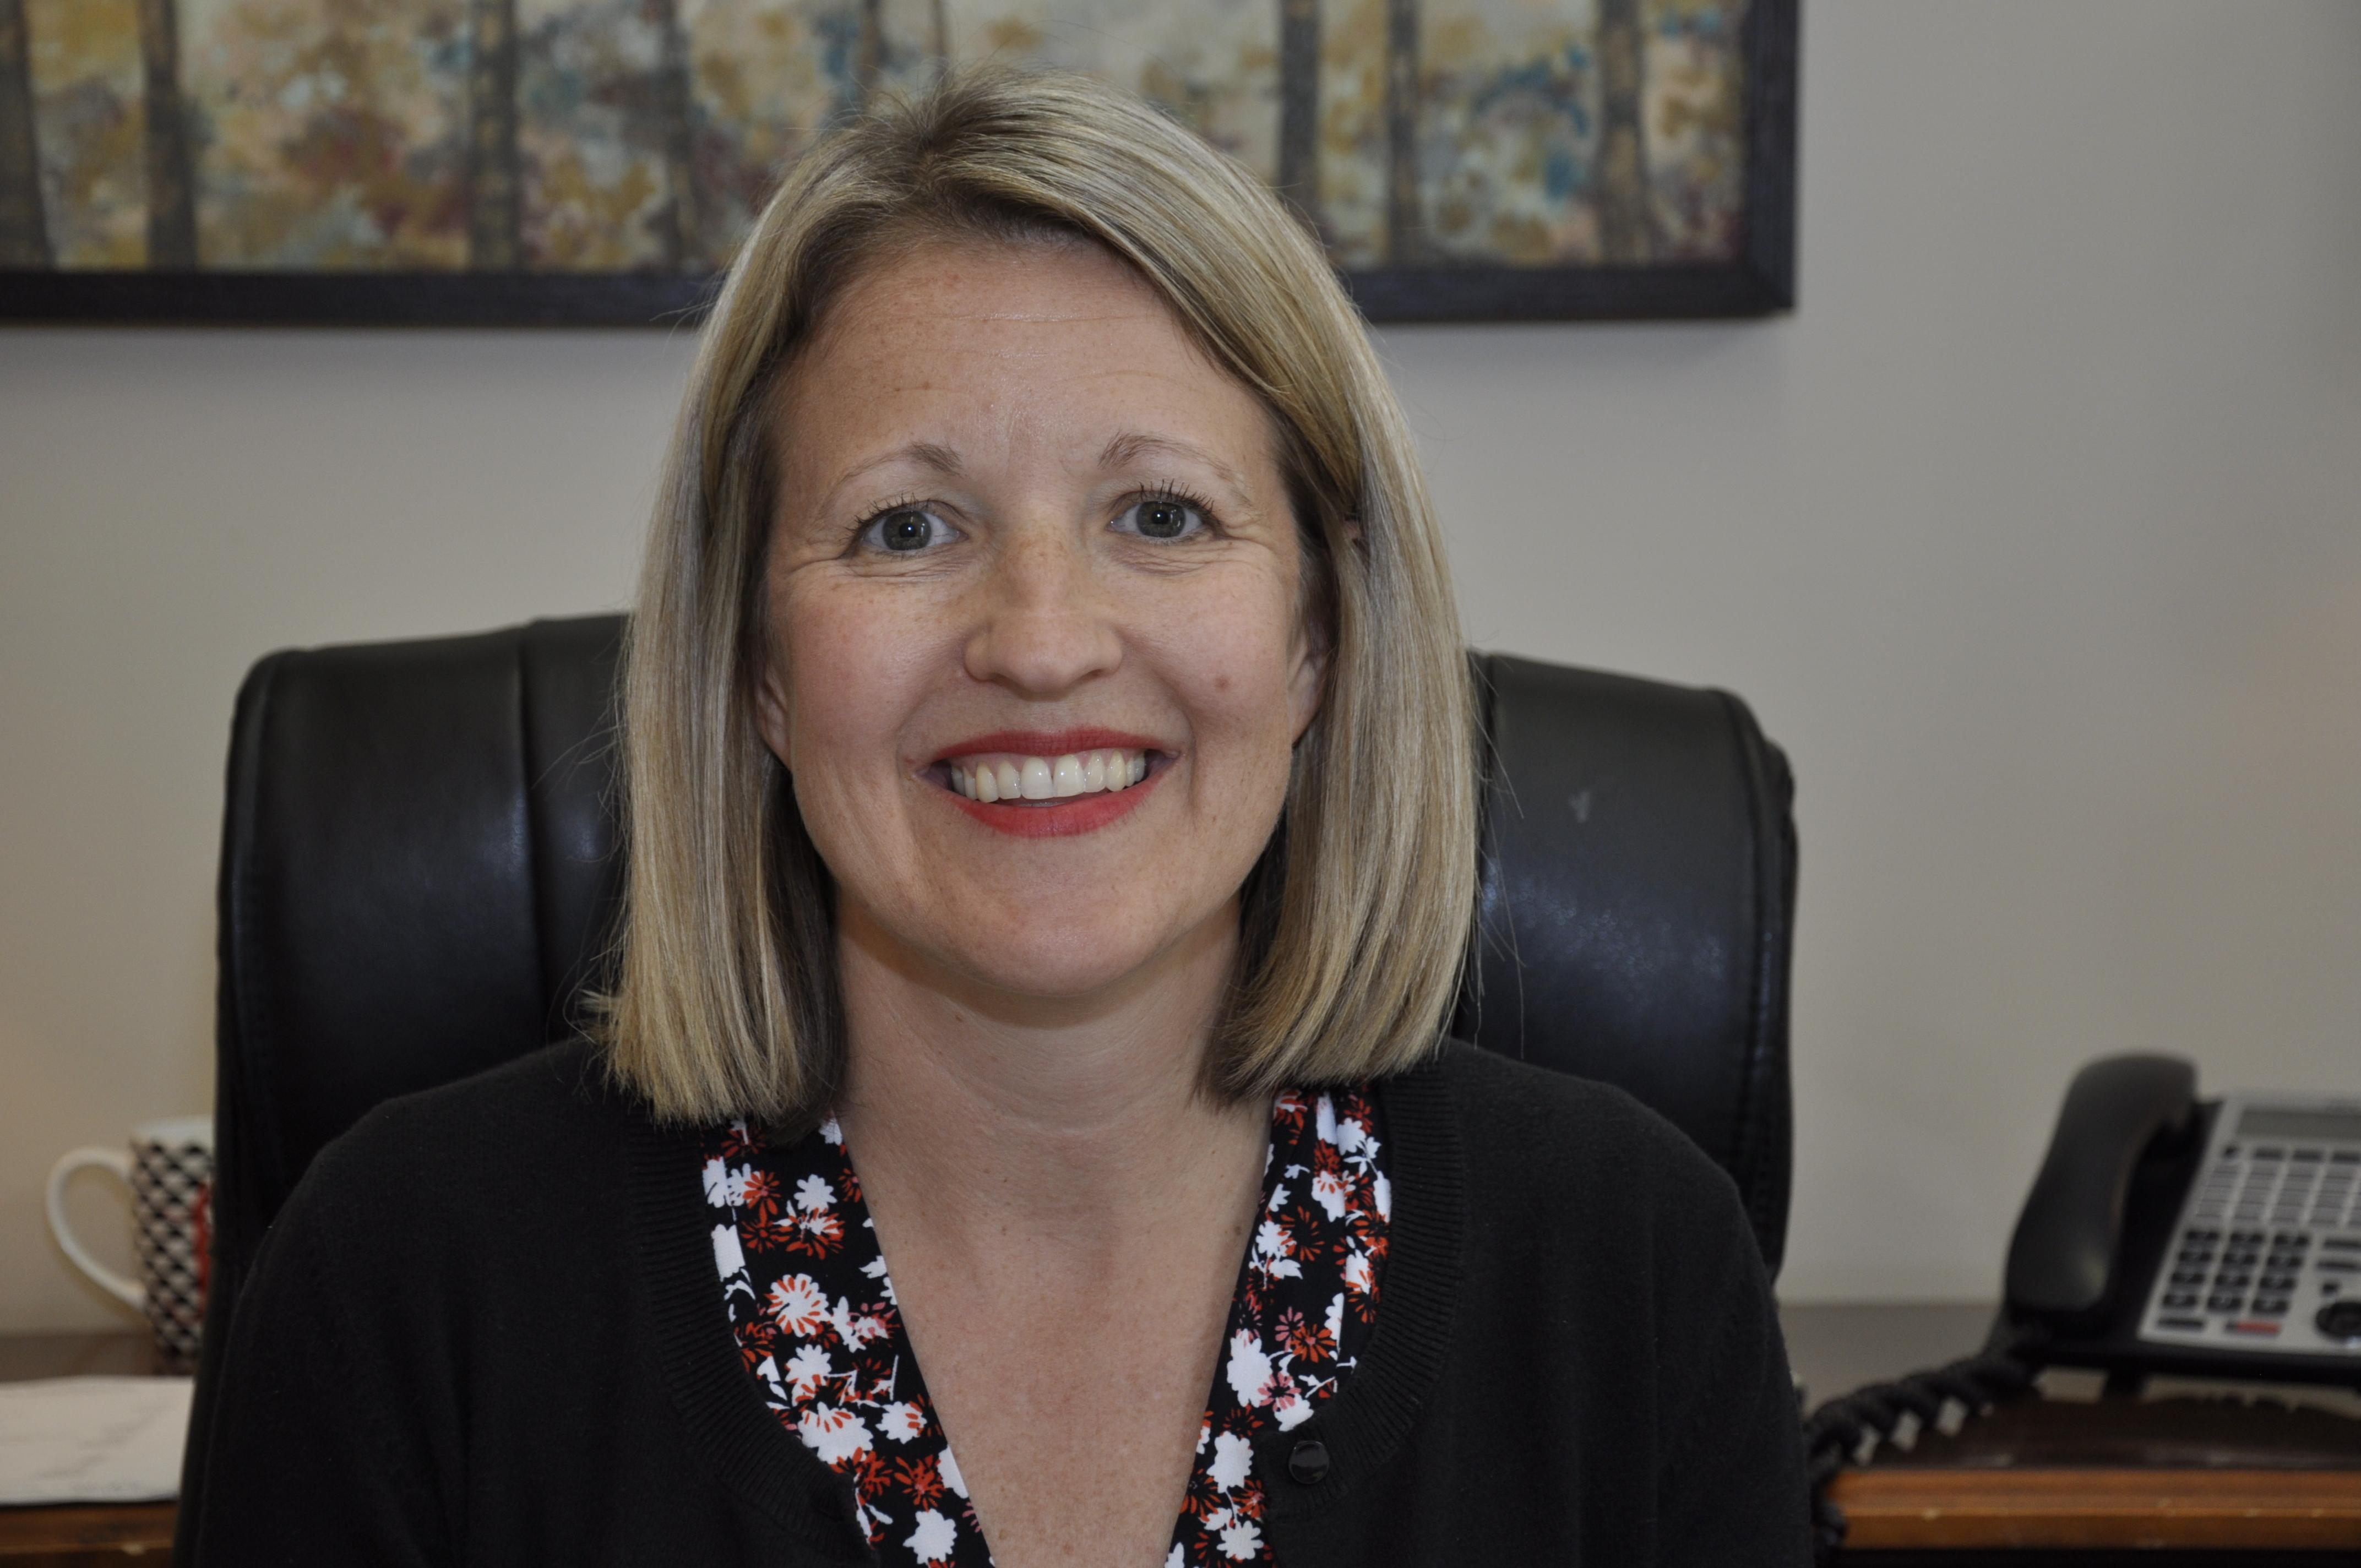 Kristy Brassell Certified Public Accountant Hendersonville TN